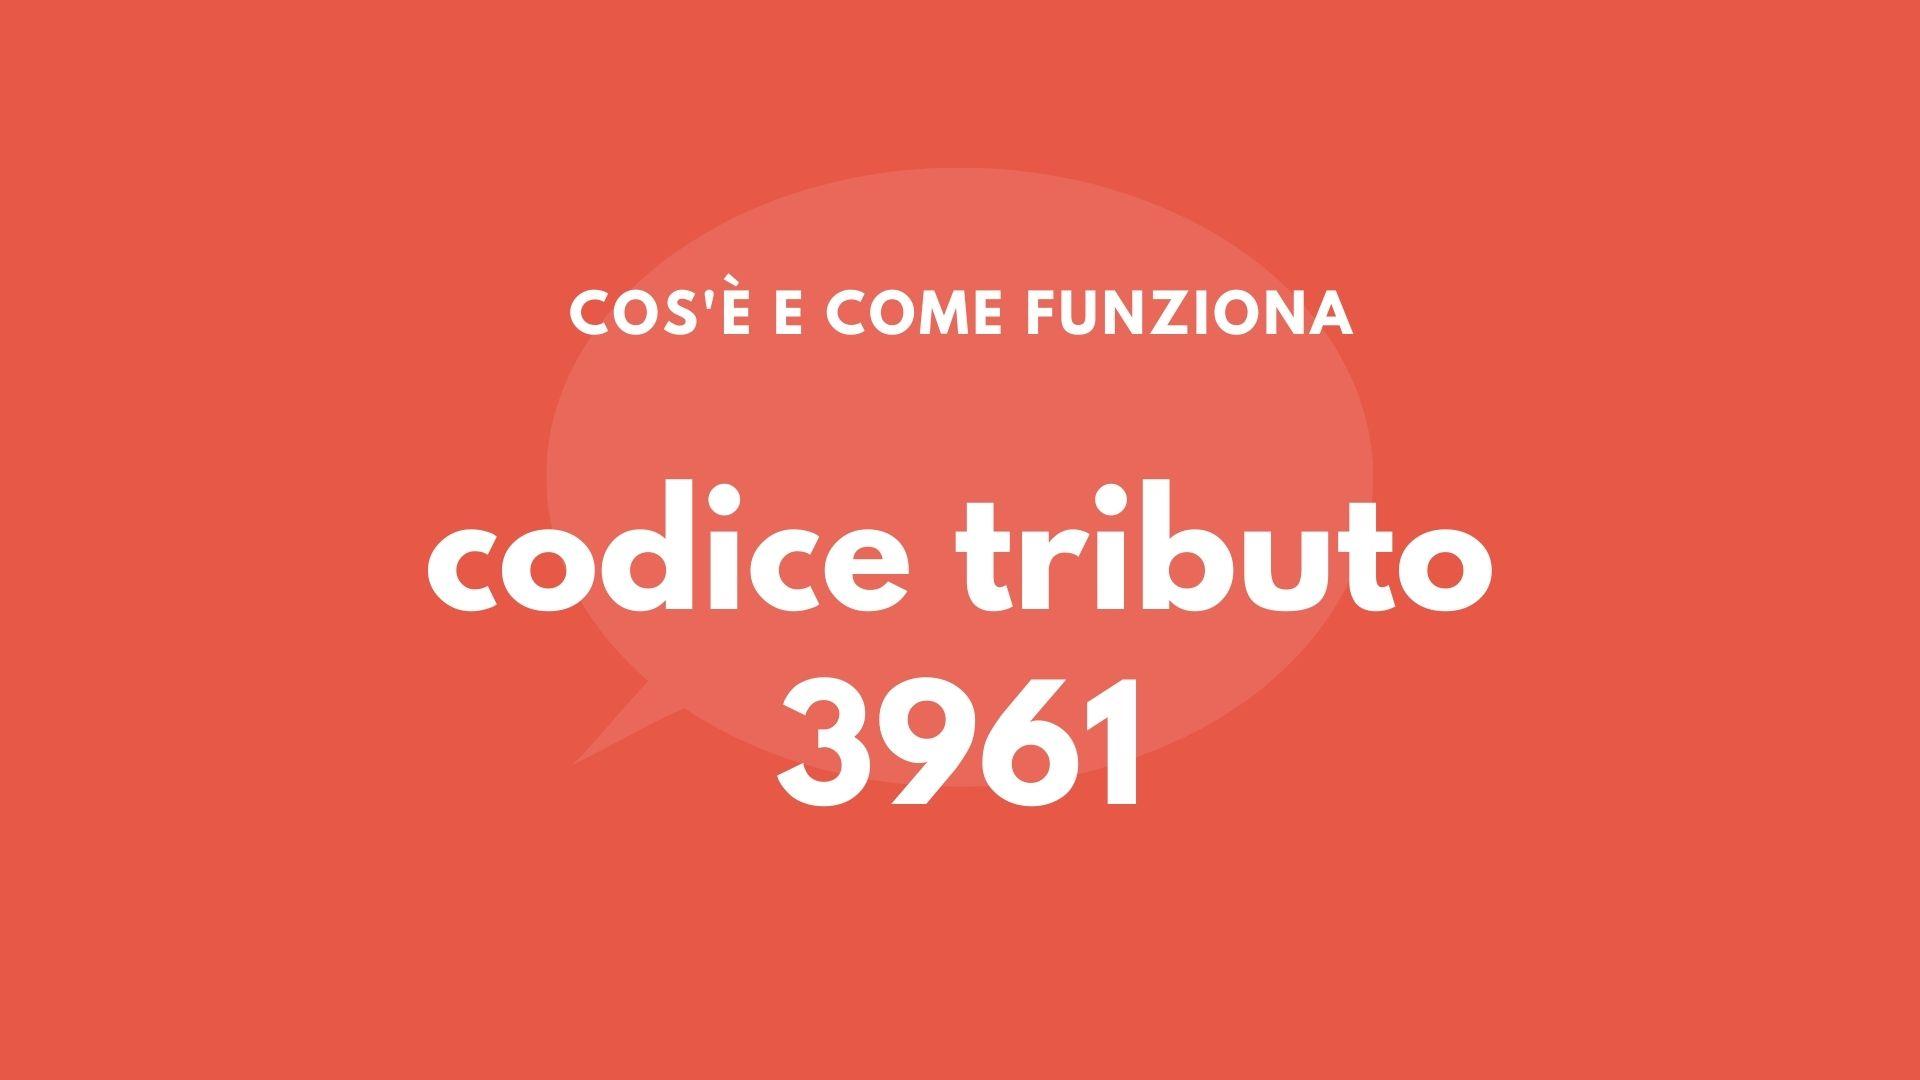 codice tributo 3961 cos'è